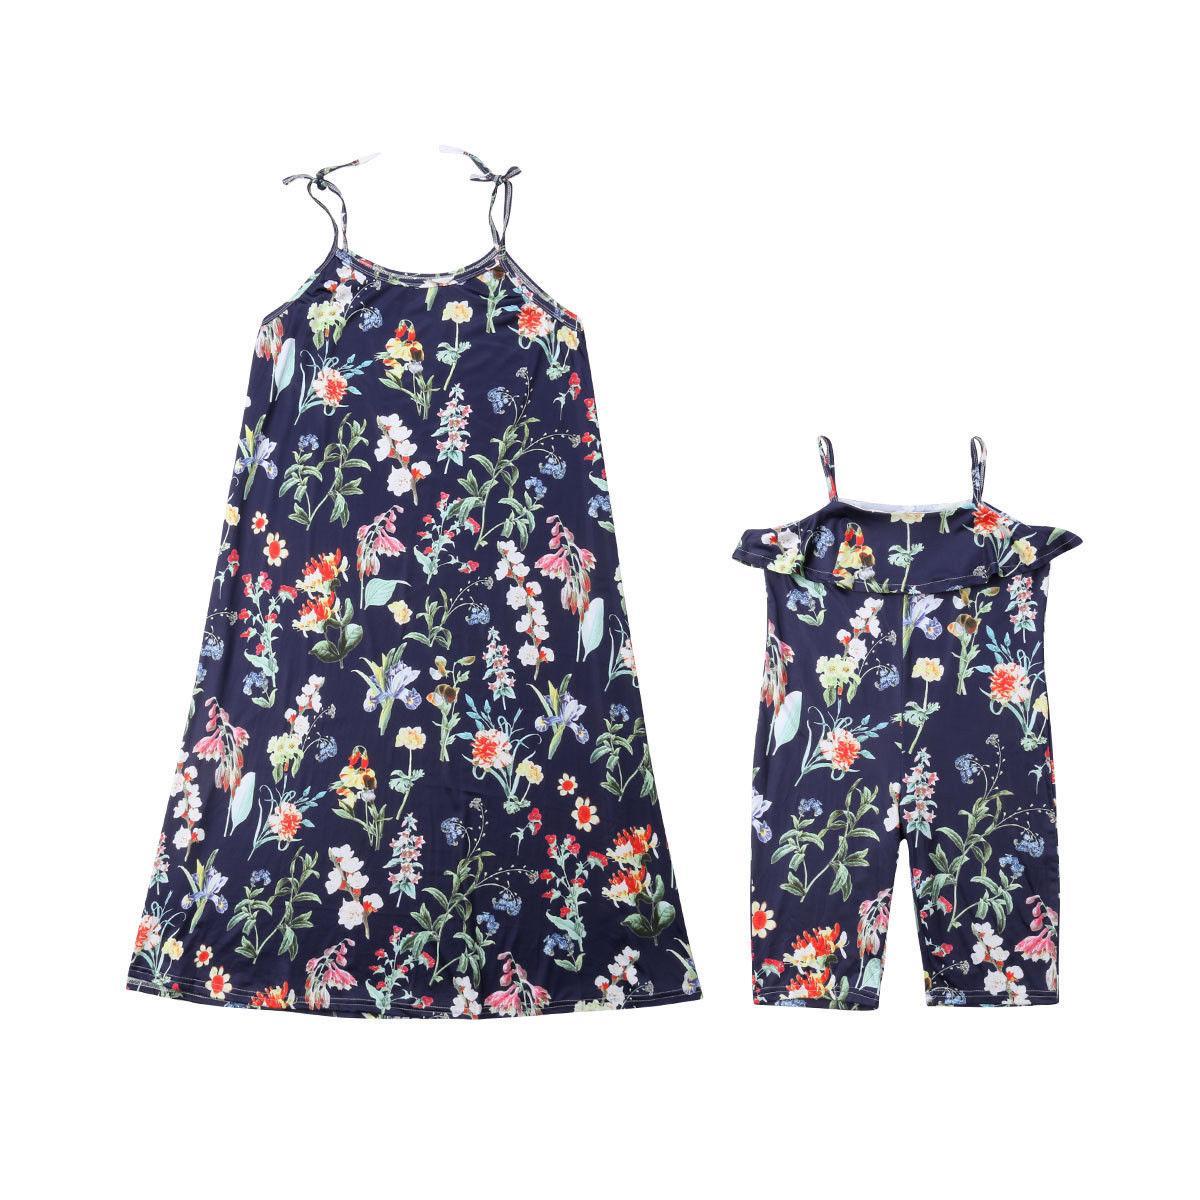 Floreale dei vestiti dalle donne di corrispondenza mamma Famiglia Strap Abito Madre Figlia maniche estivo carino Kid Plus Size Ragazze 2-12T